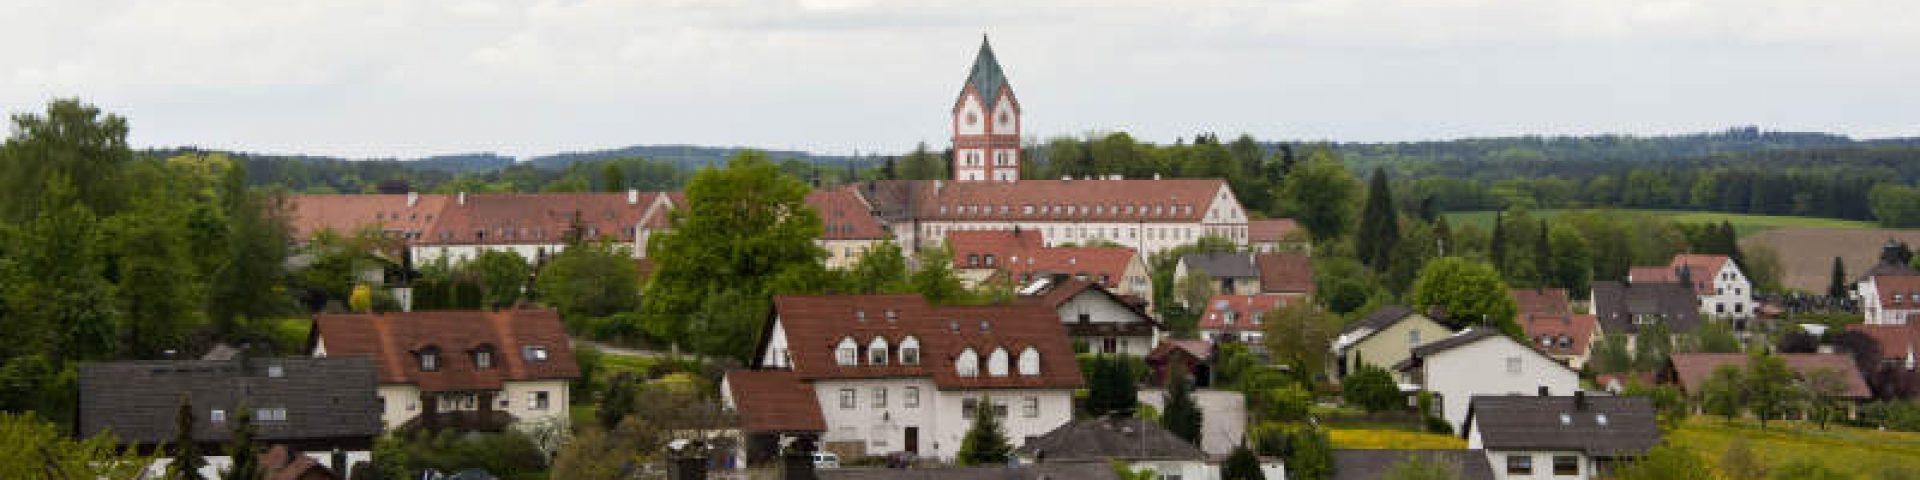 WGS Scheyern